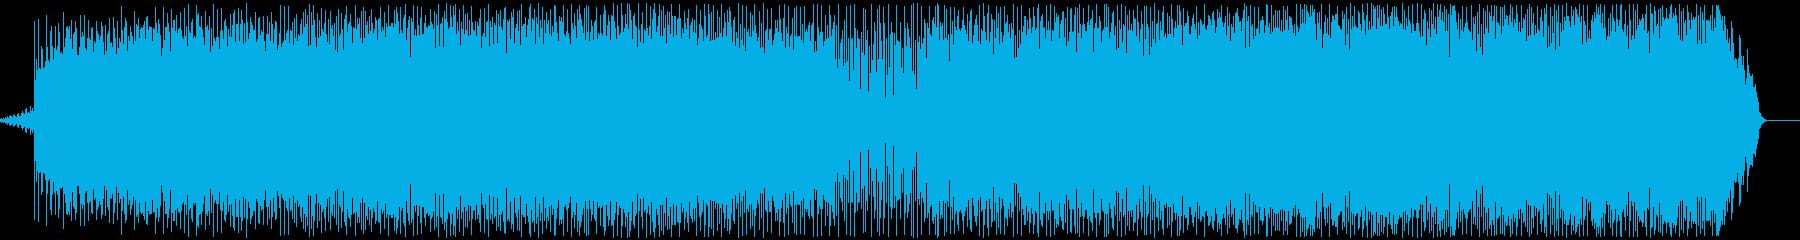 かっこいいエレクトロニカの再生済みの波形